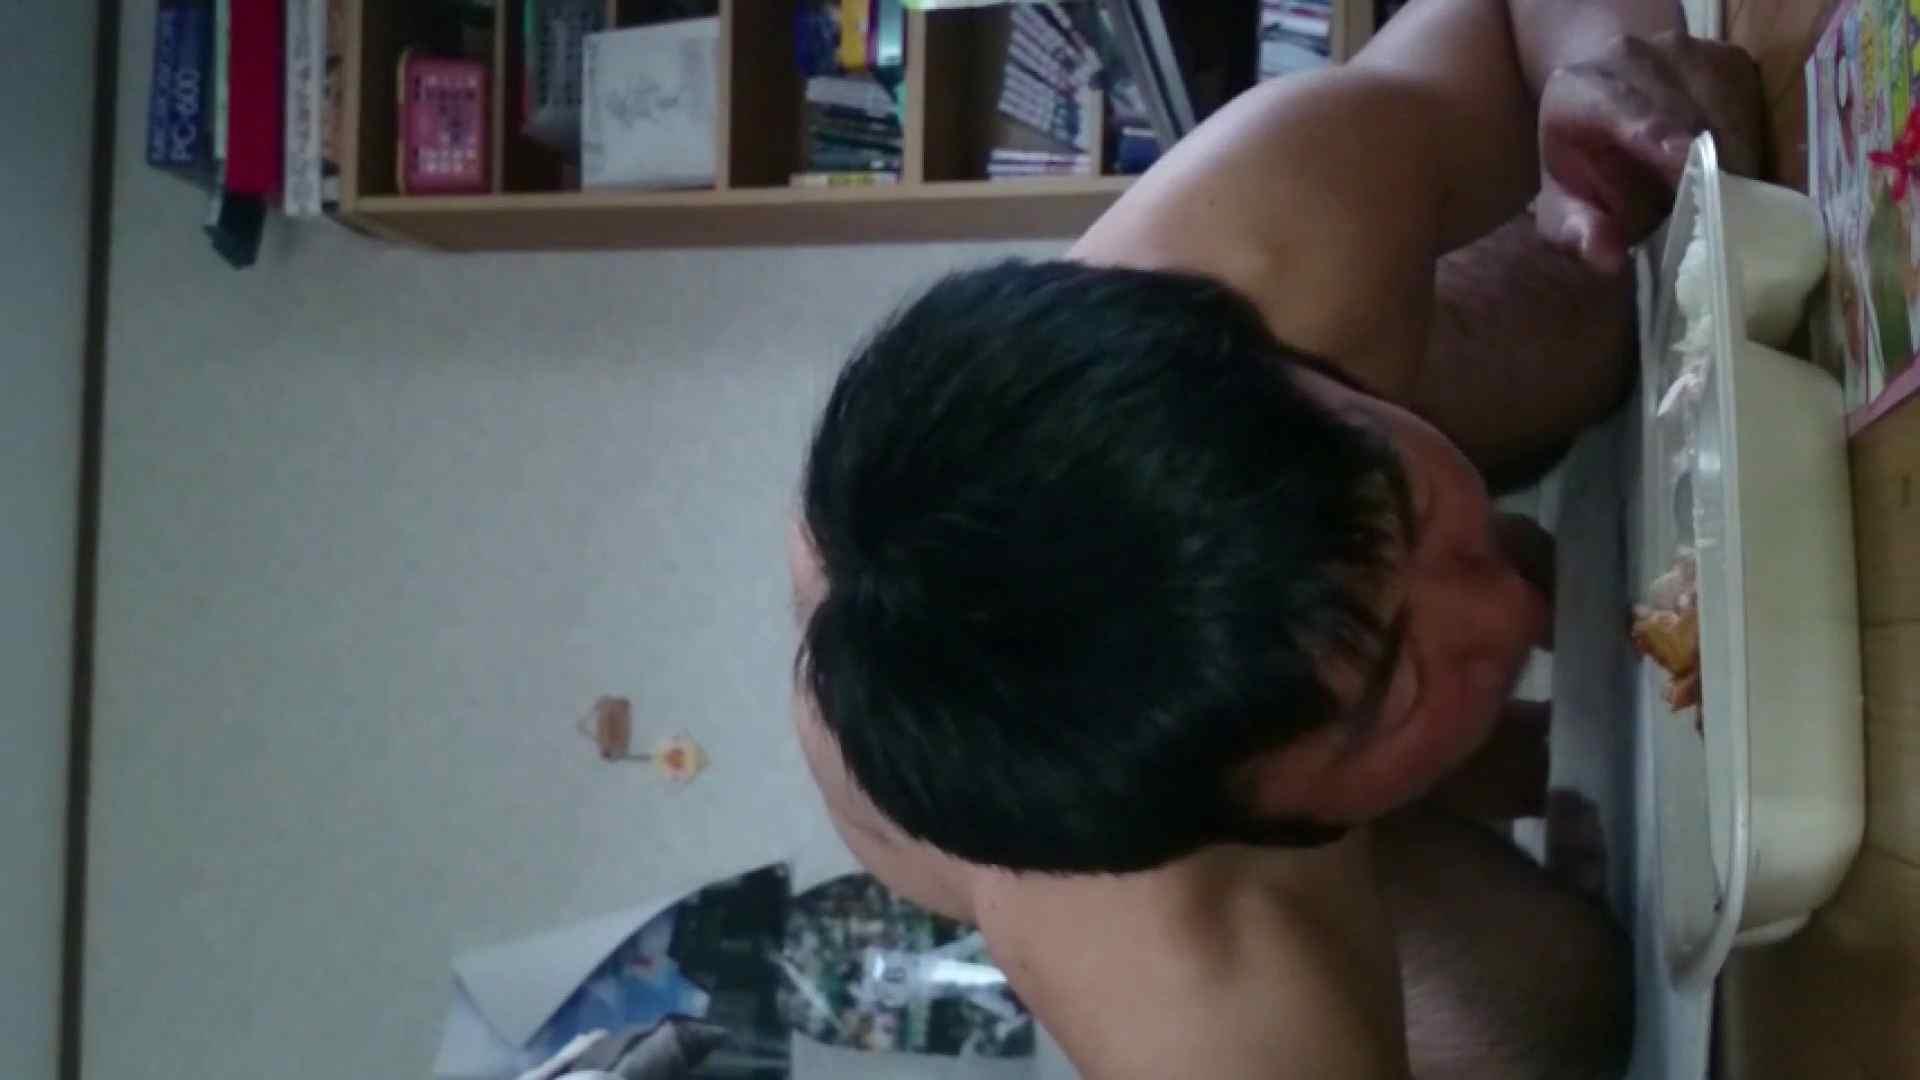 ぎゃんかわ男子のはれんちオナニー vol.18 お手で! | オナニー AV動画 66pic 37